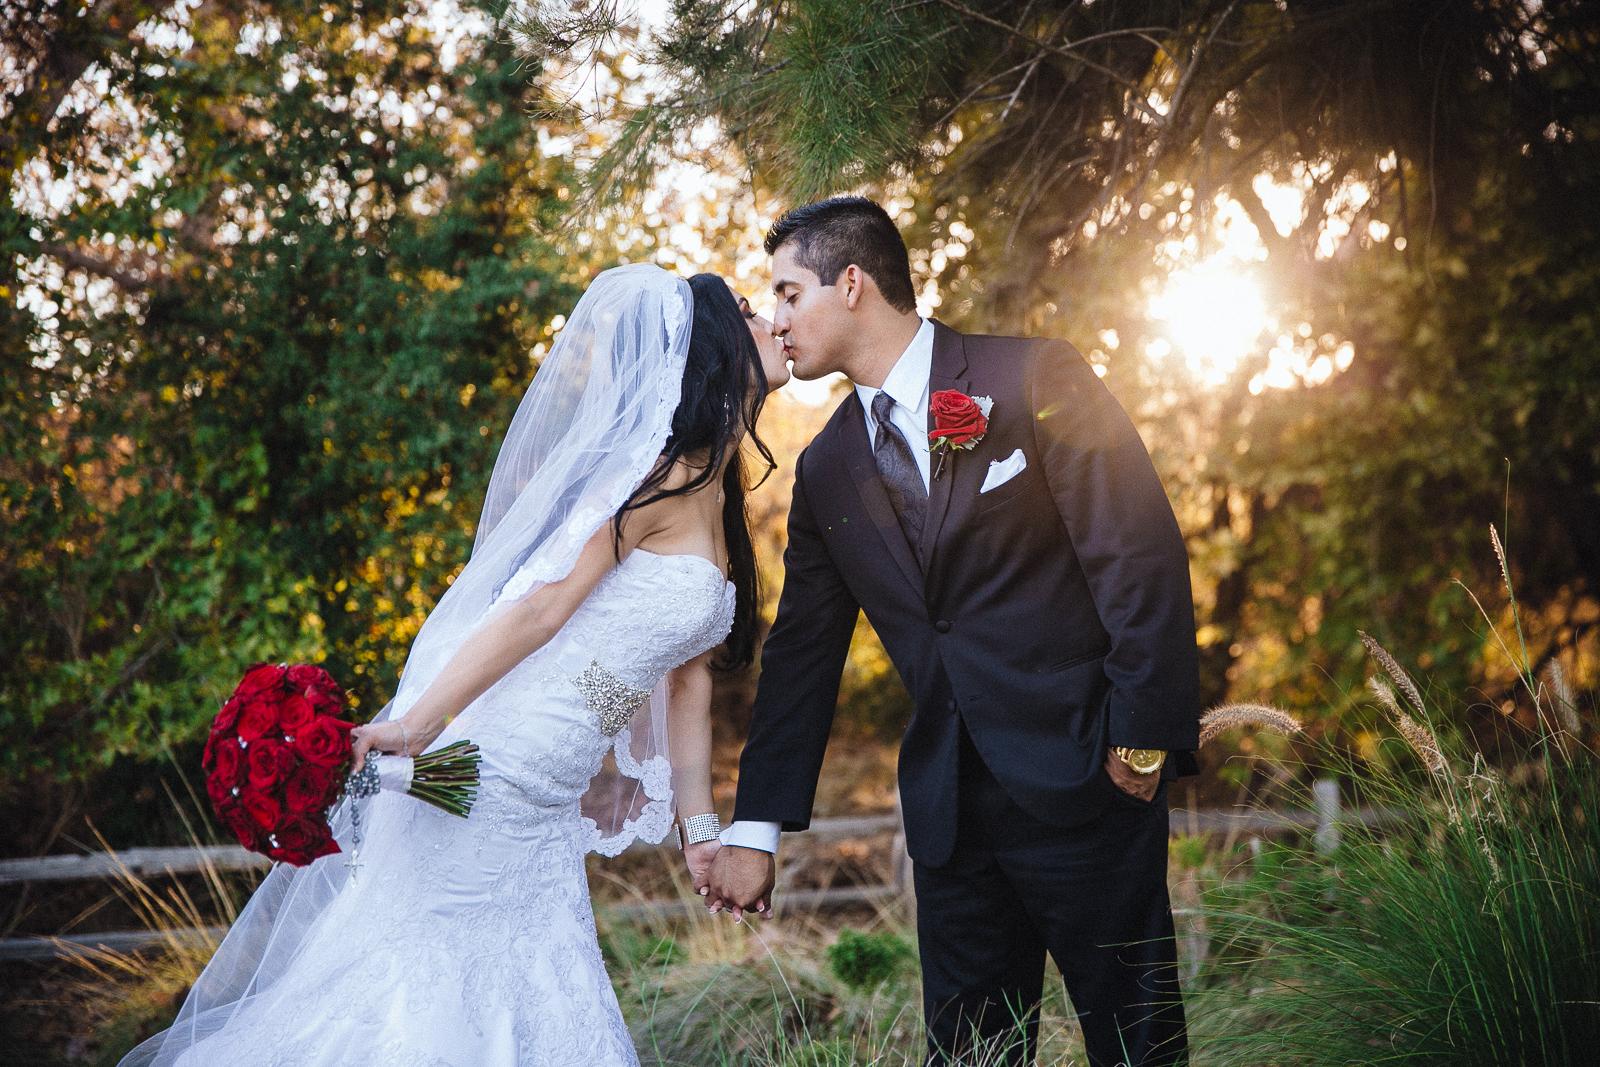 STACIE_&_JESUS_WEDDING_WEDGEWOOD_FALLBROOK_2015_2015_IMG_4734.JPG